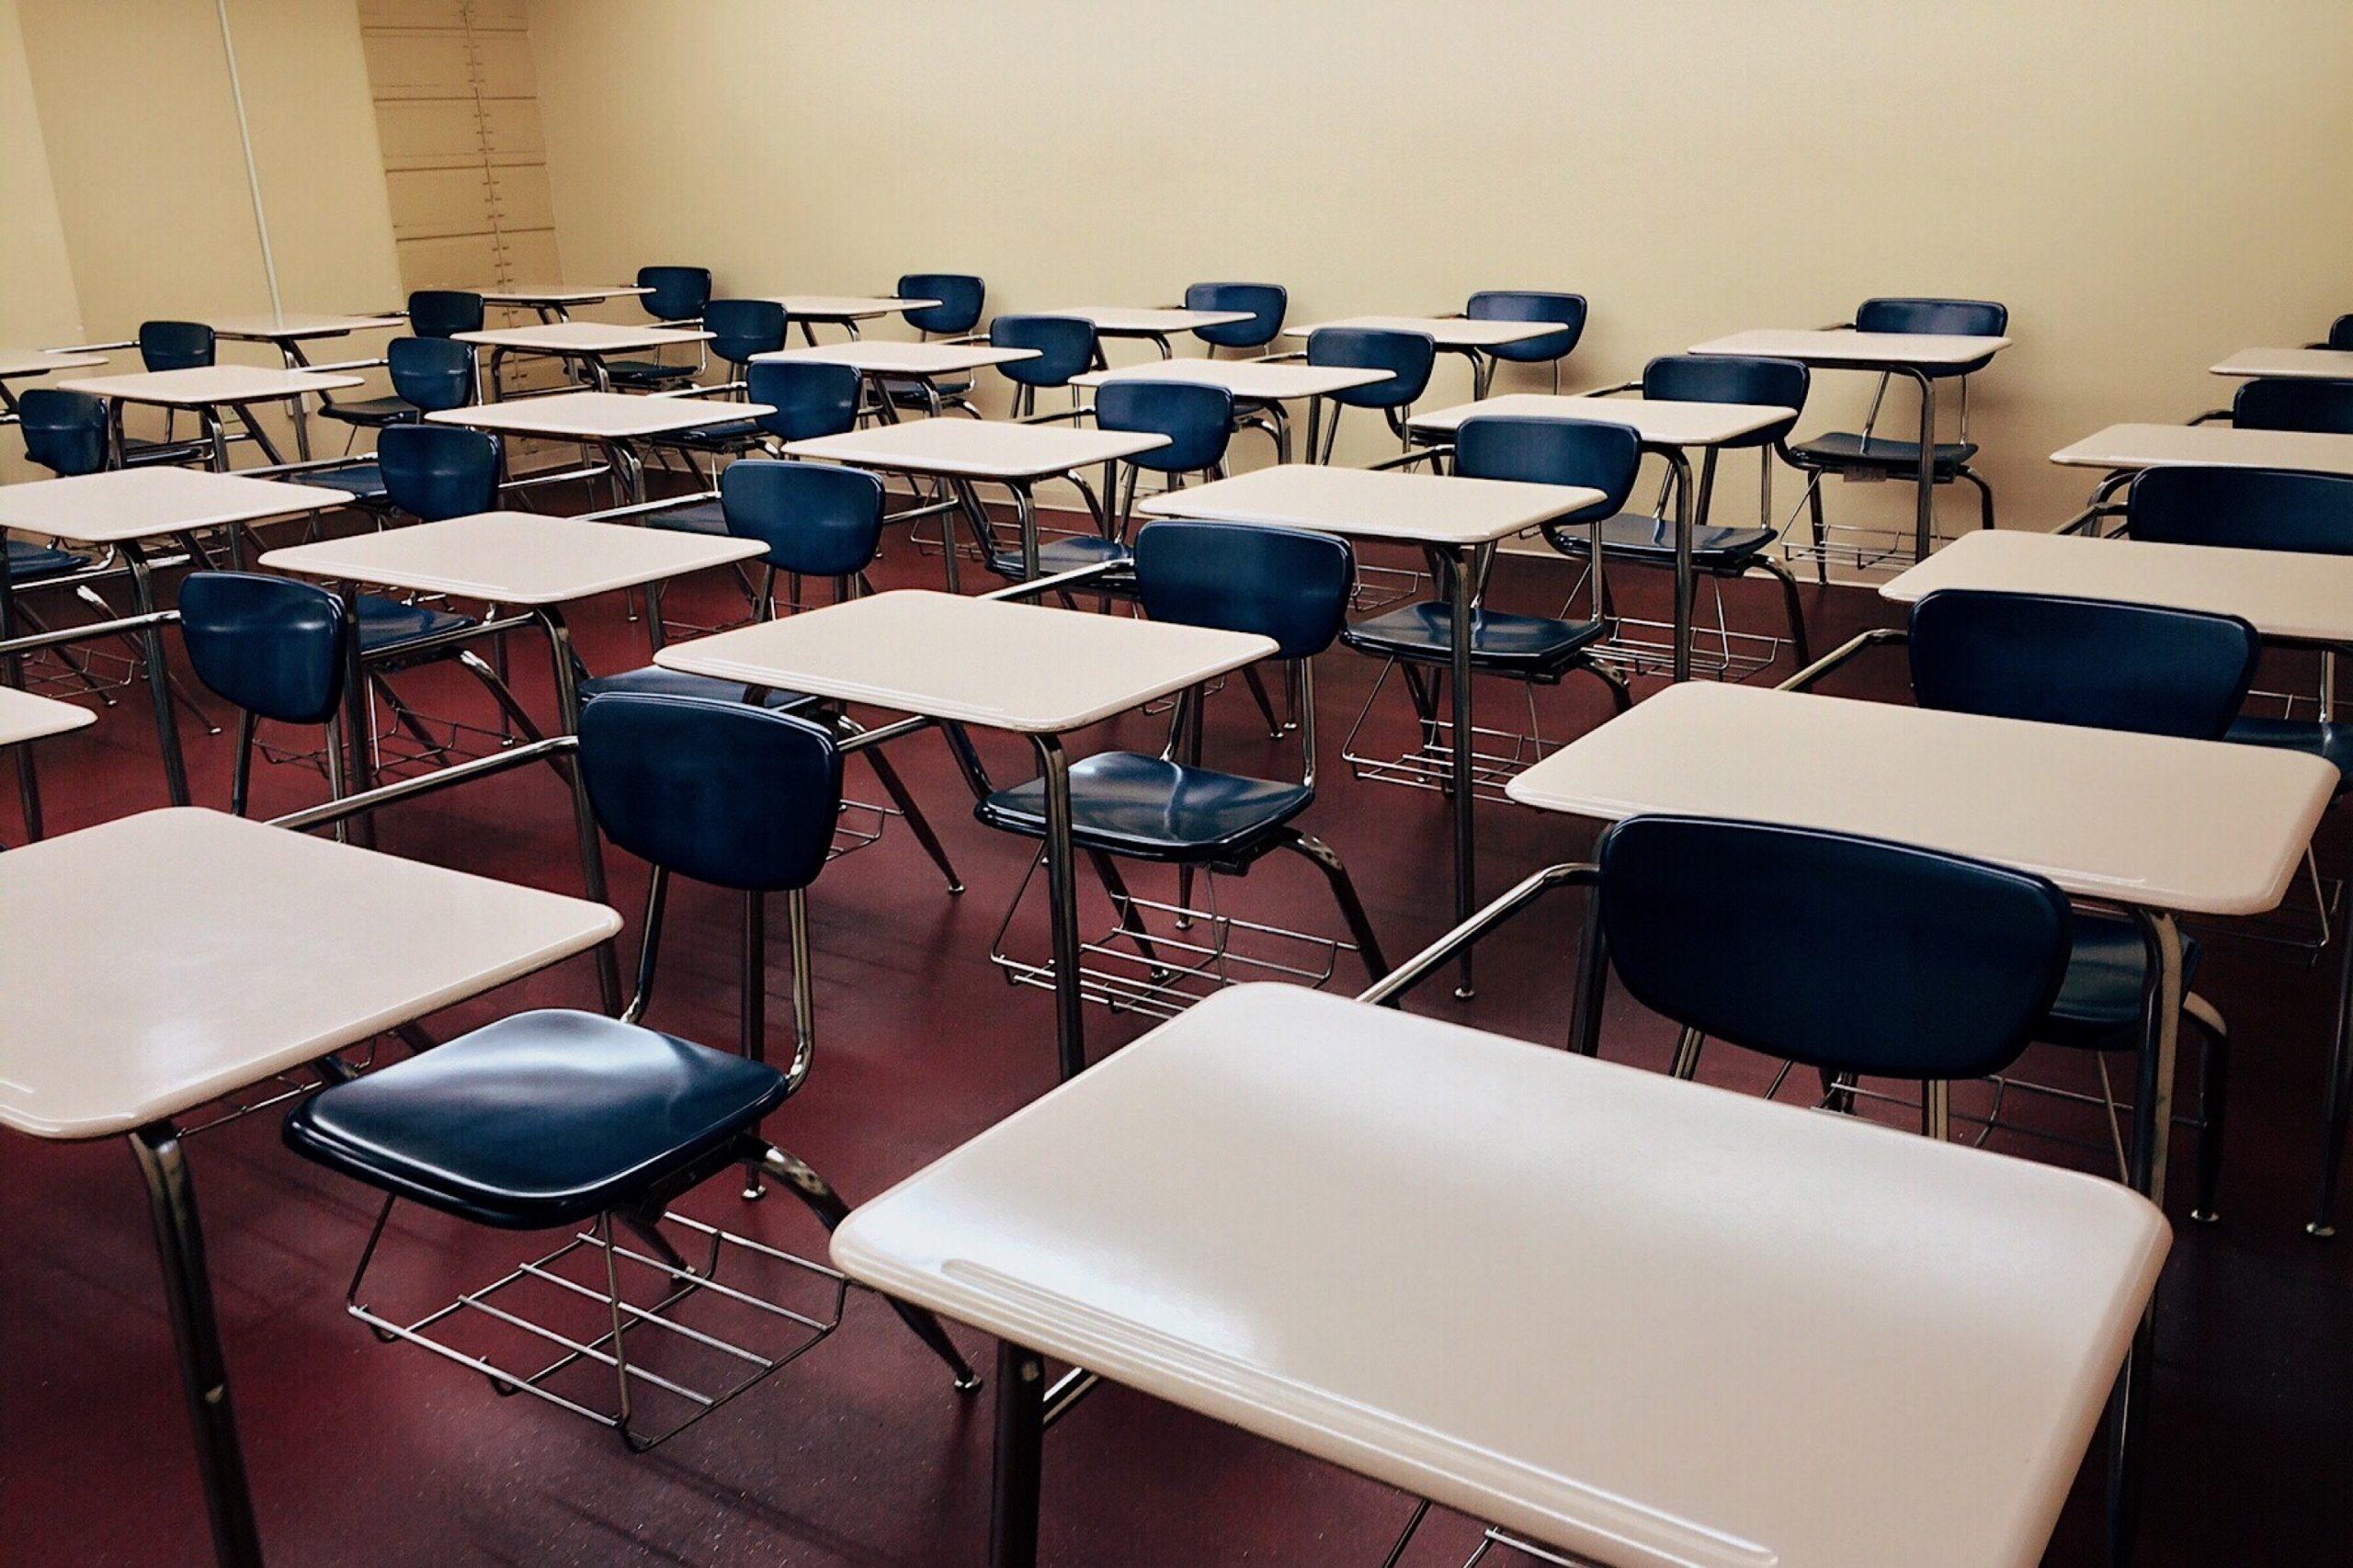 La Junta pone en cuarentena tres aulas en Burgos, Soria y Valladolid al detectar alumnos con PCR positiva por contactos en el exterior del centro educativo 1